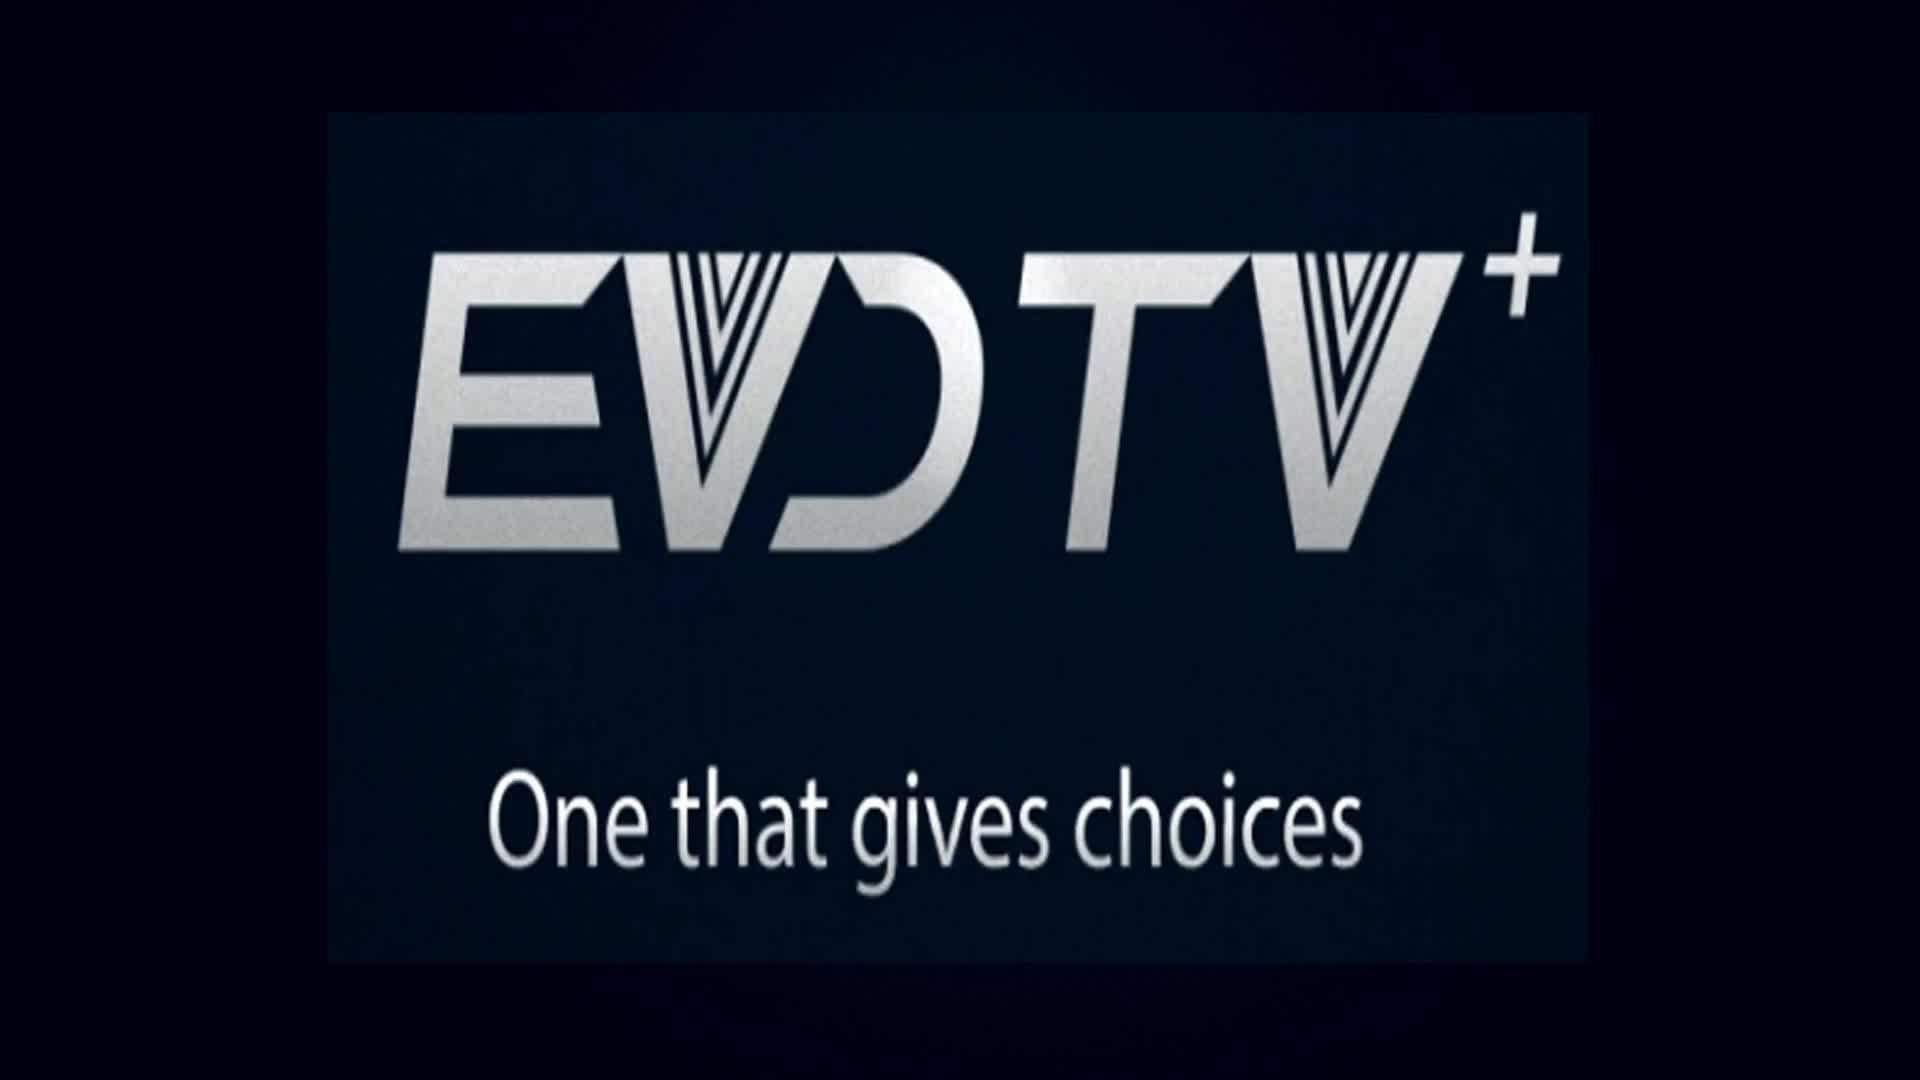 EVDTV IPTV UHD 4 K Arabo Francese SD HD India Spagnolo Film Iran Abbonamento EVDTV PIÙ Rivenditore Pannello Adulto Arabo x x x